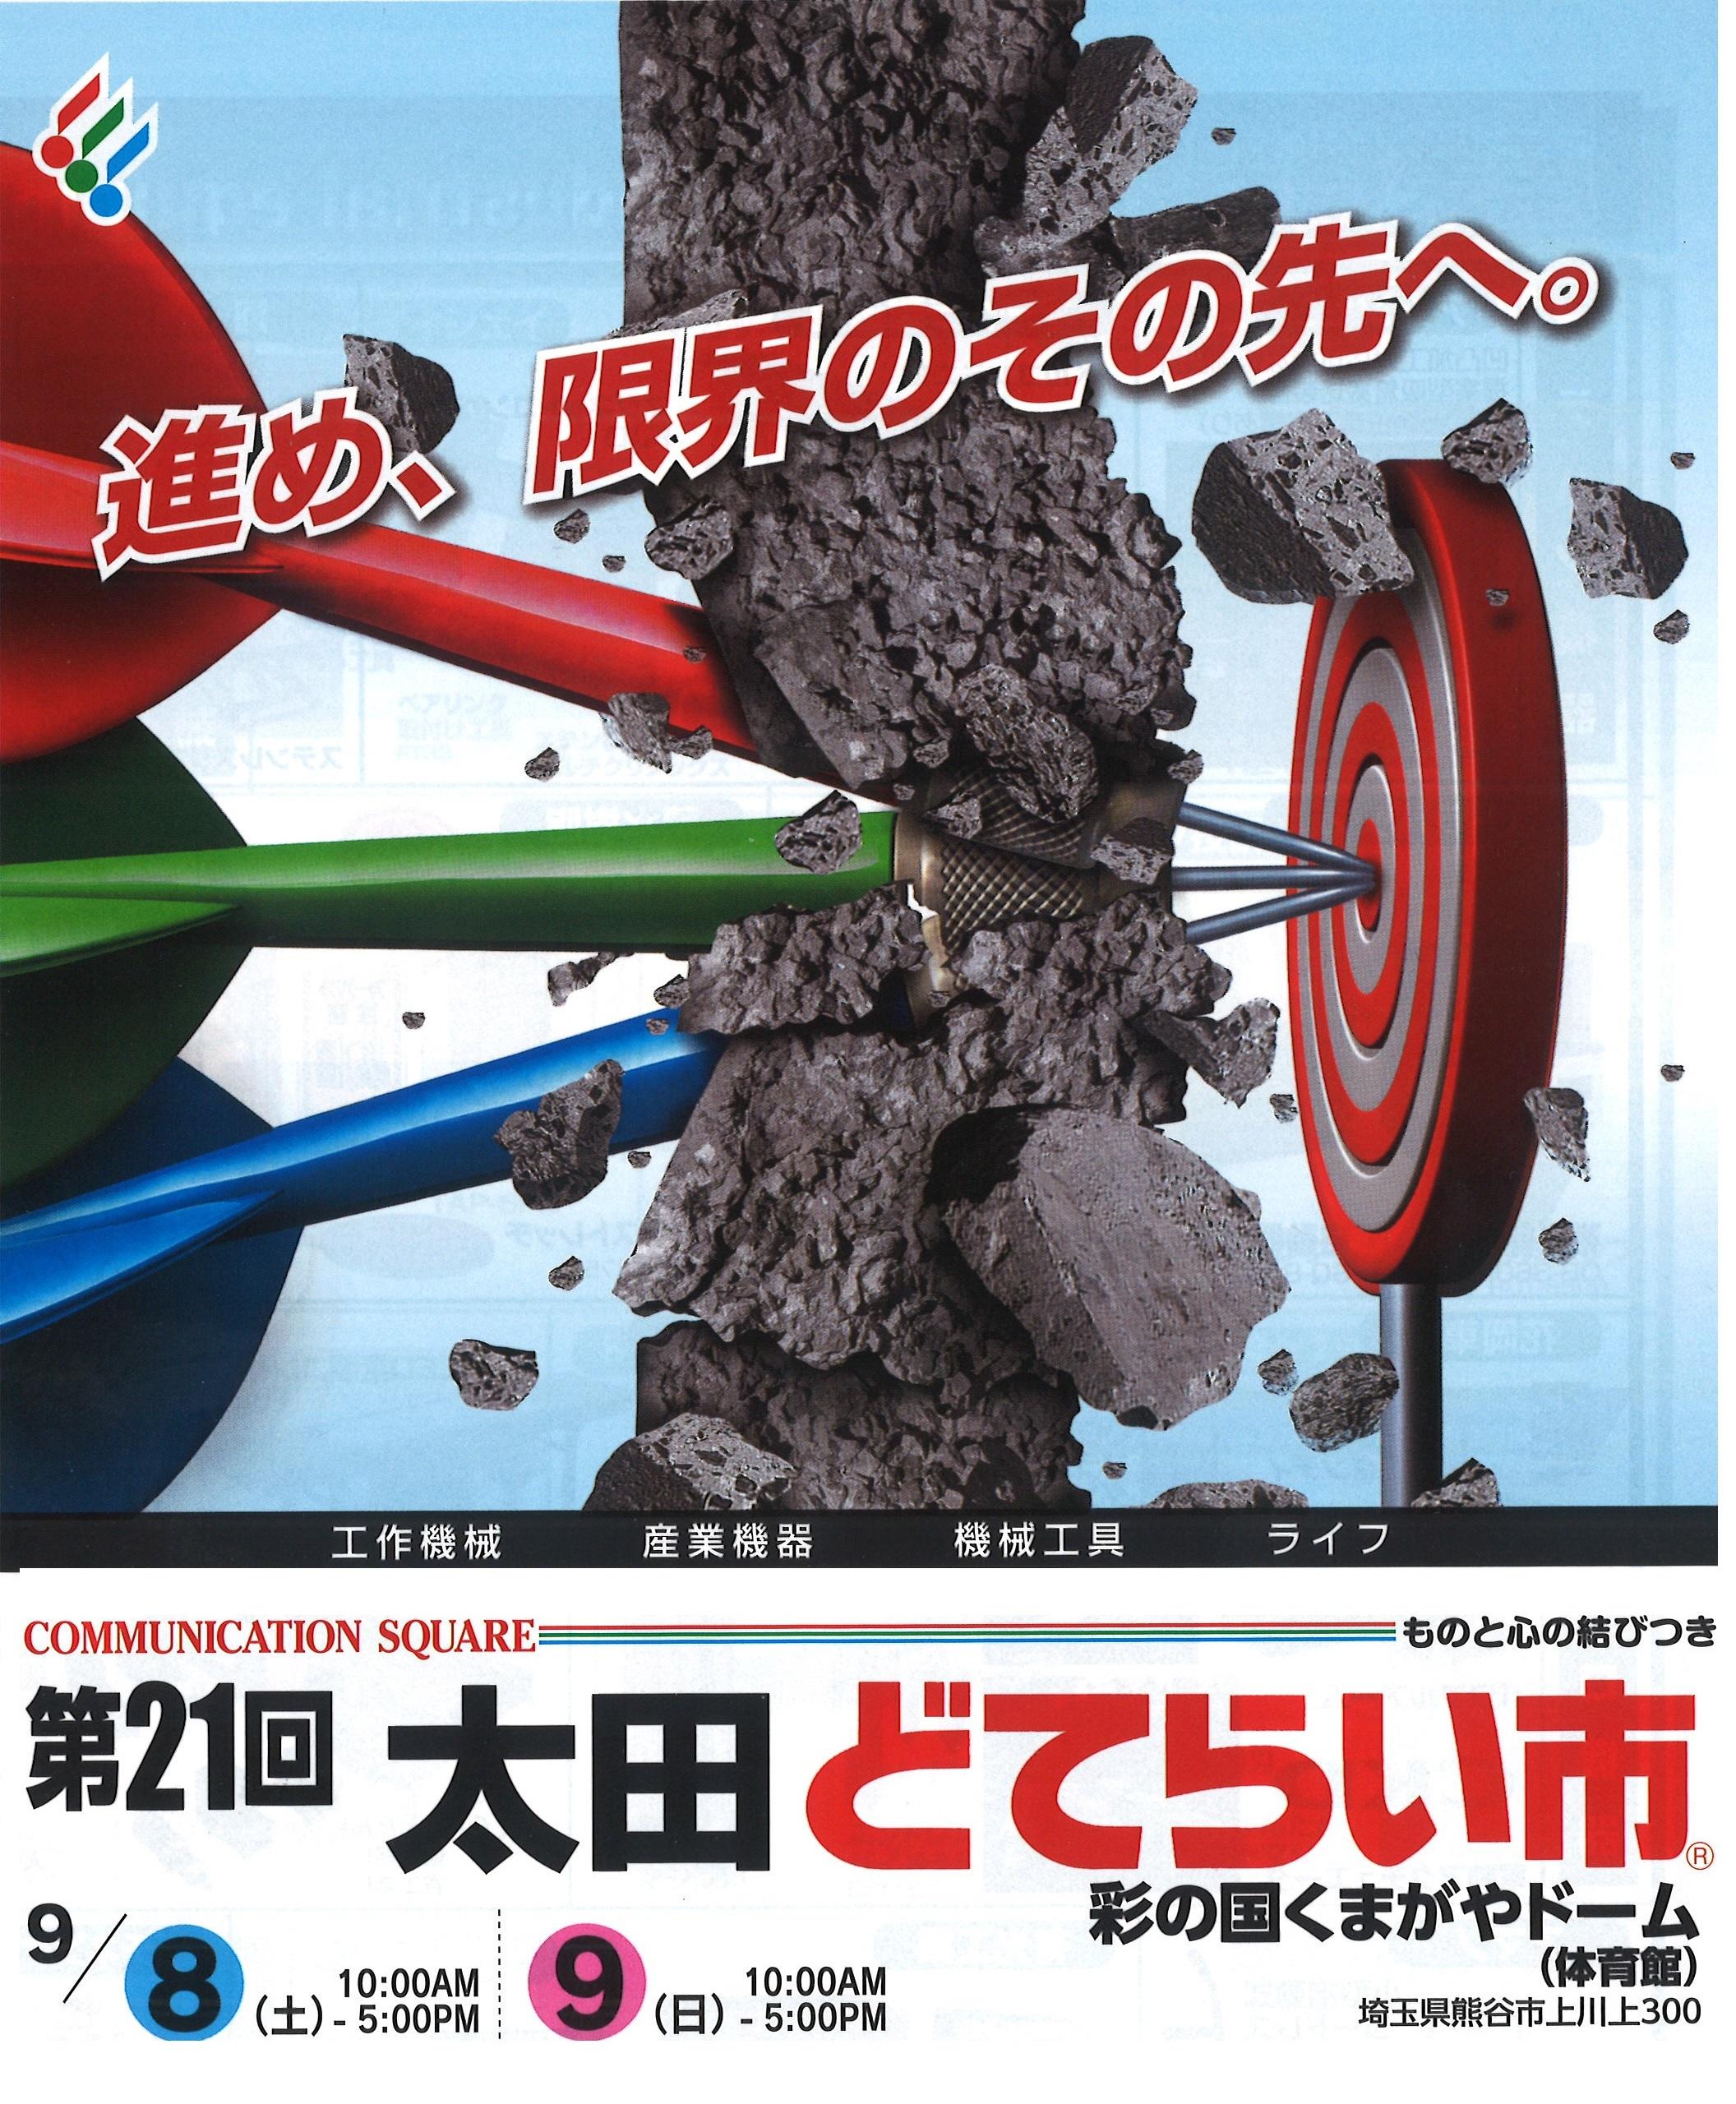 9月開催「太田どてらい市」展示即売会開催のお知らせ